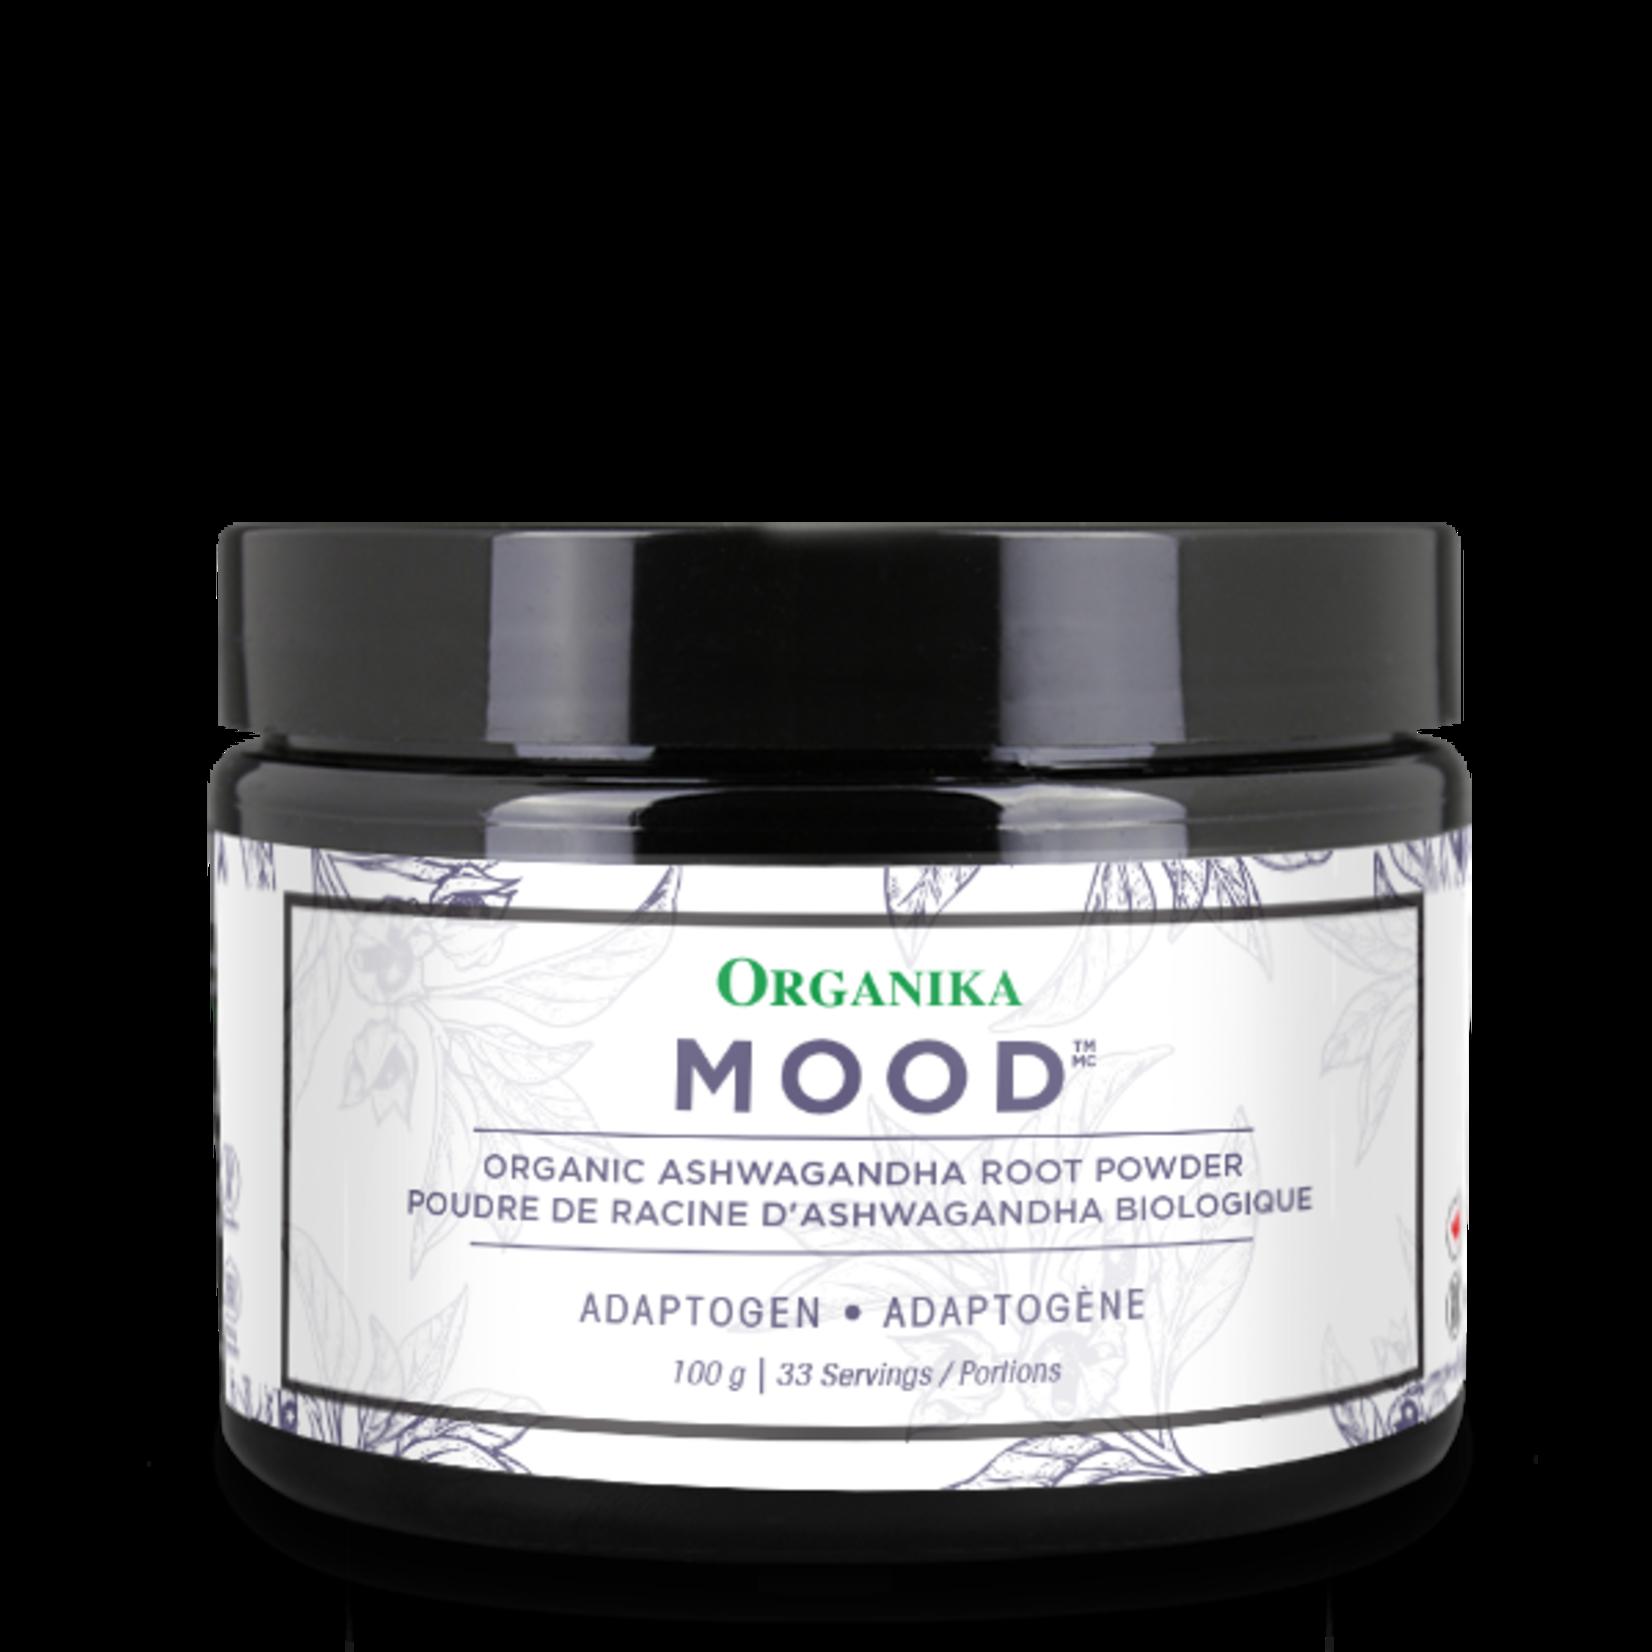 Organika Organika Mood Ashwagandha Root Powder 100g